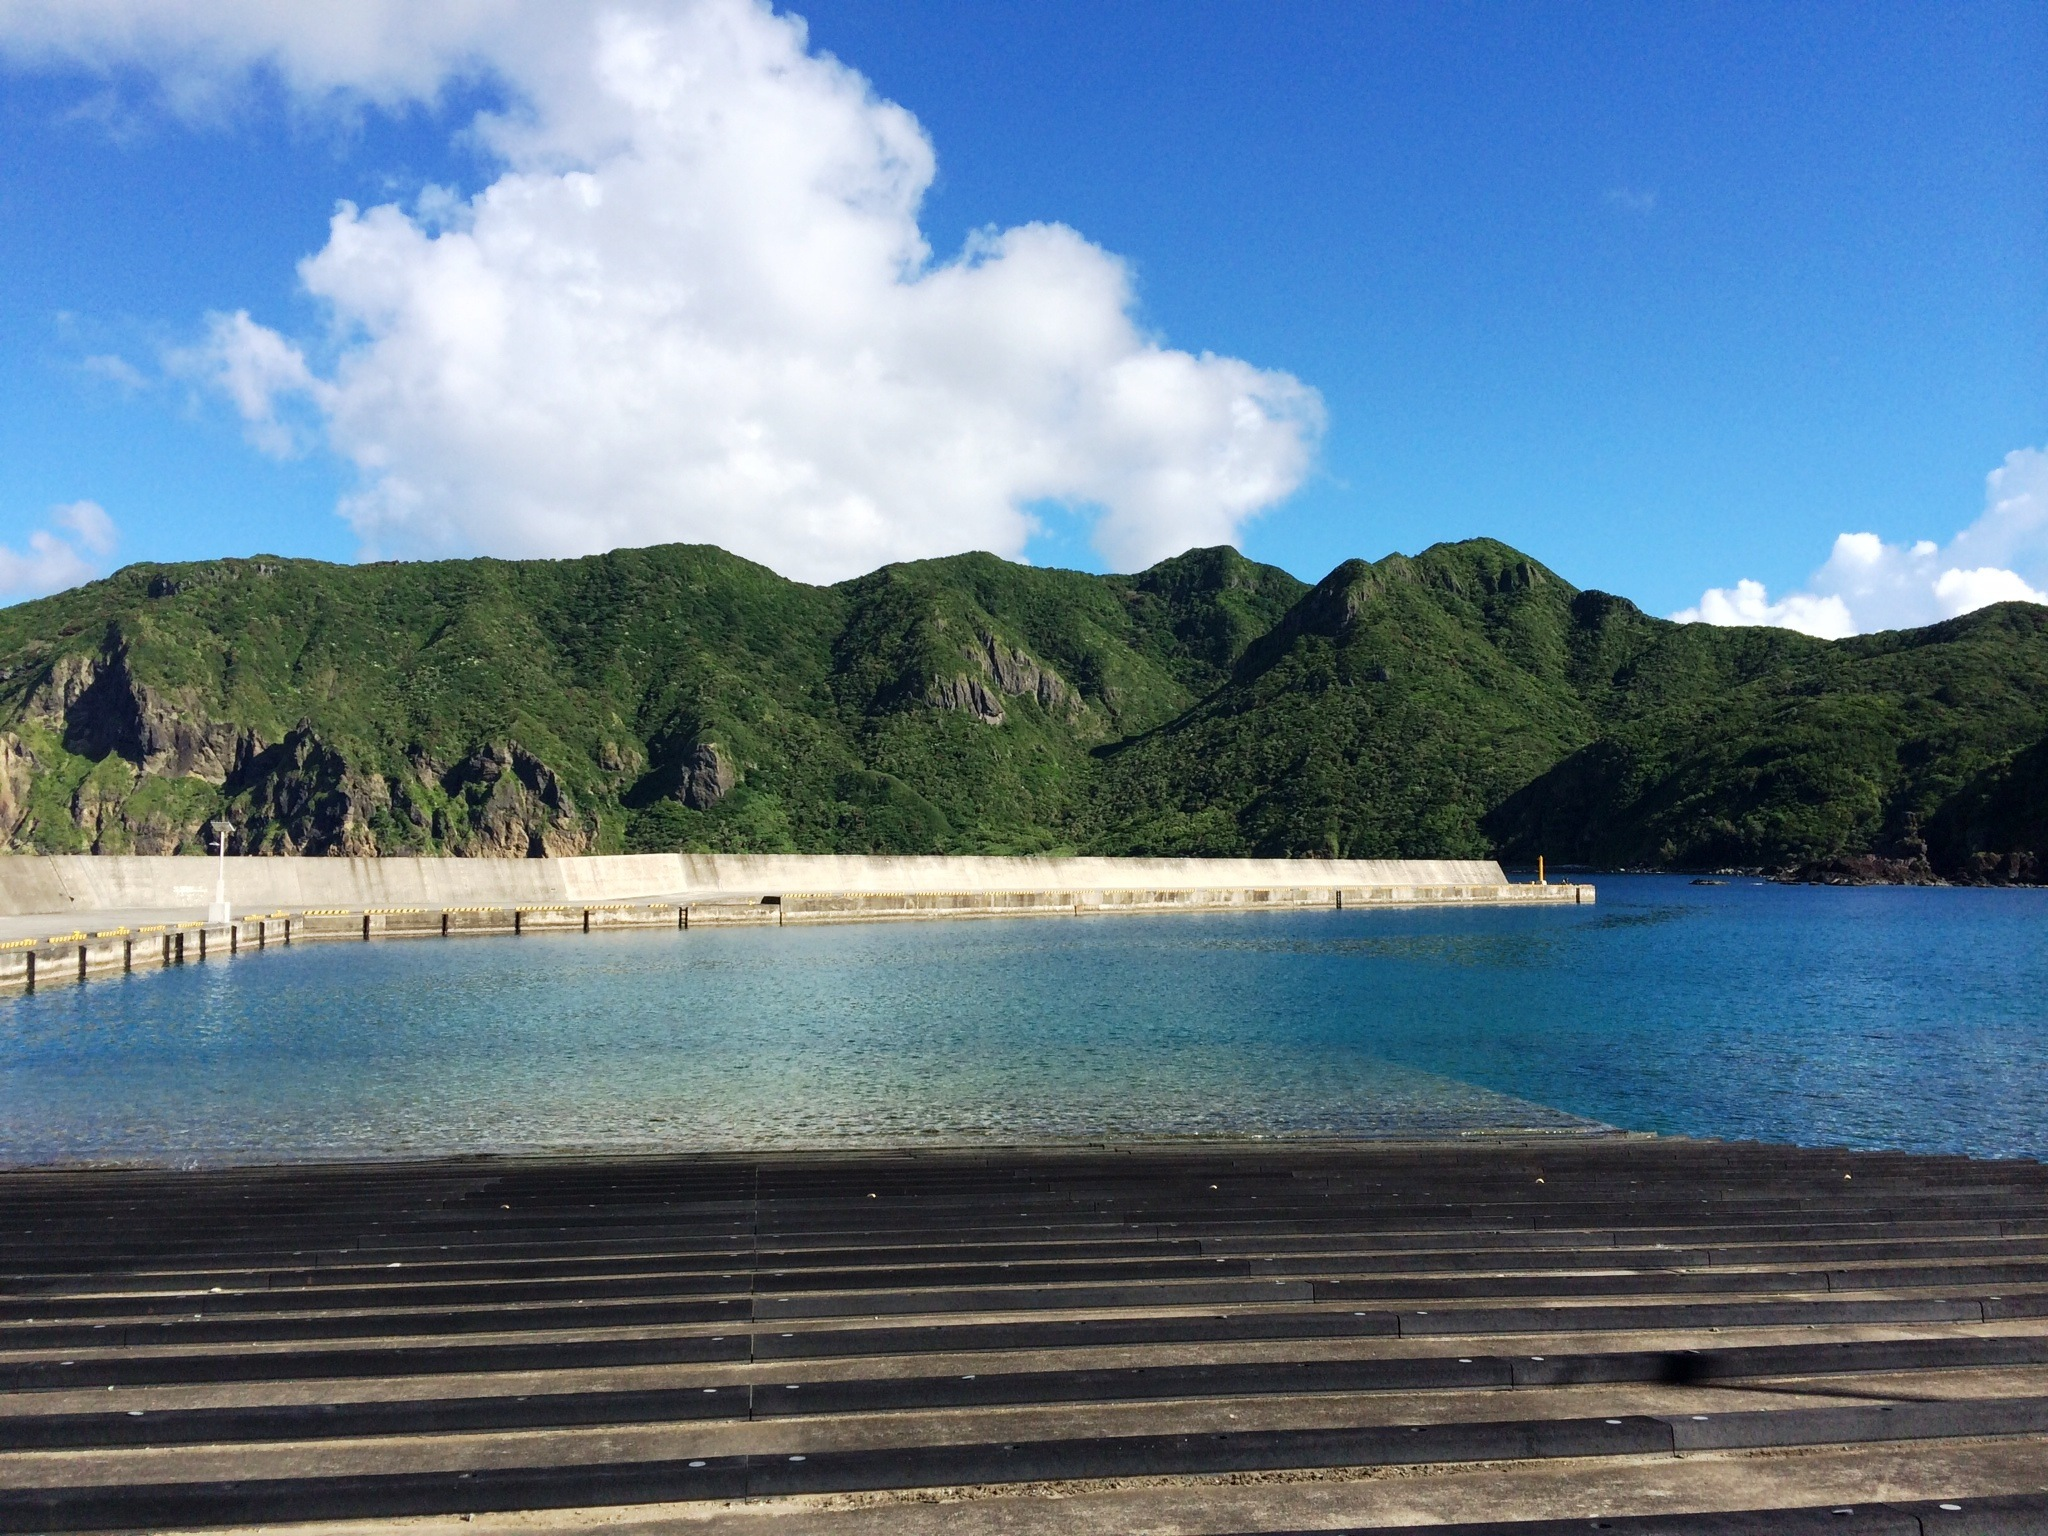 Higashi Port